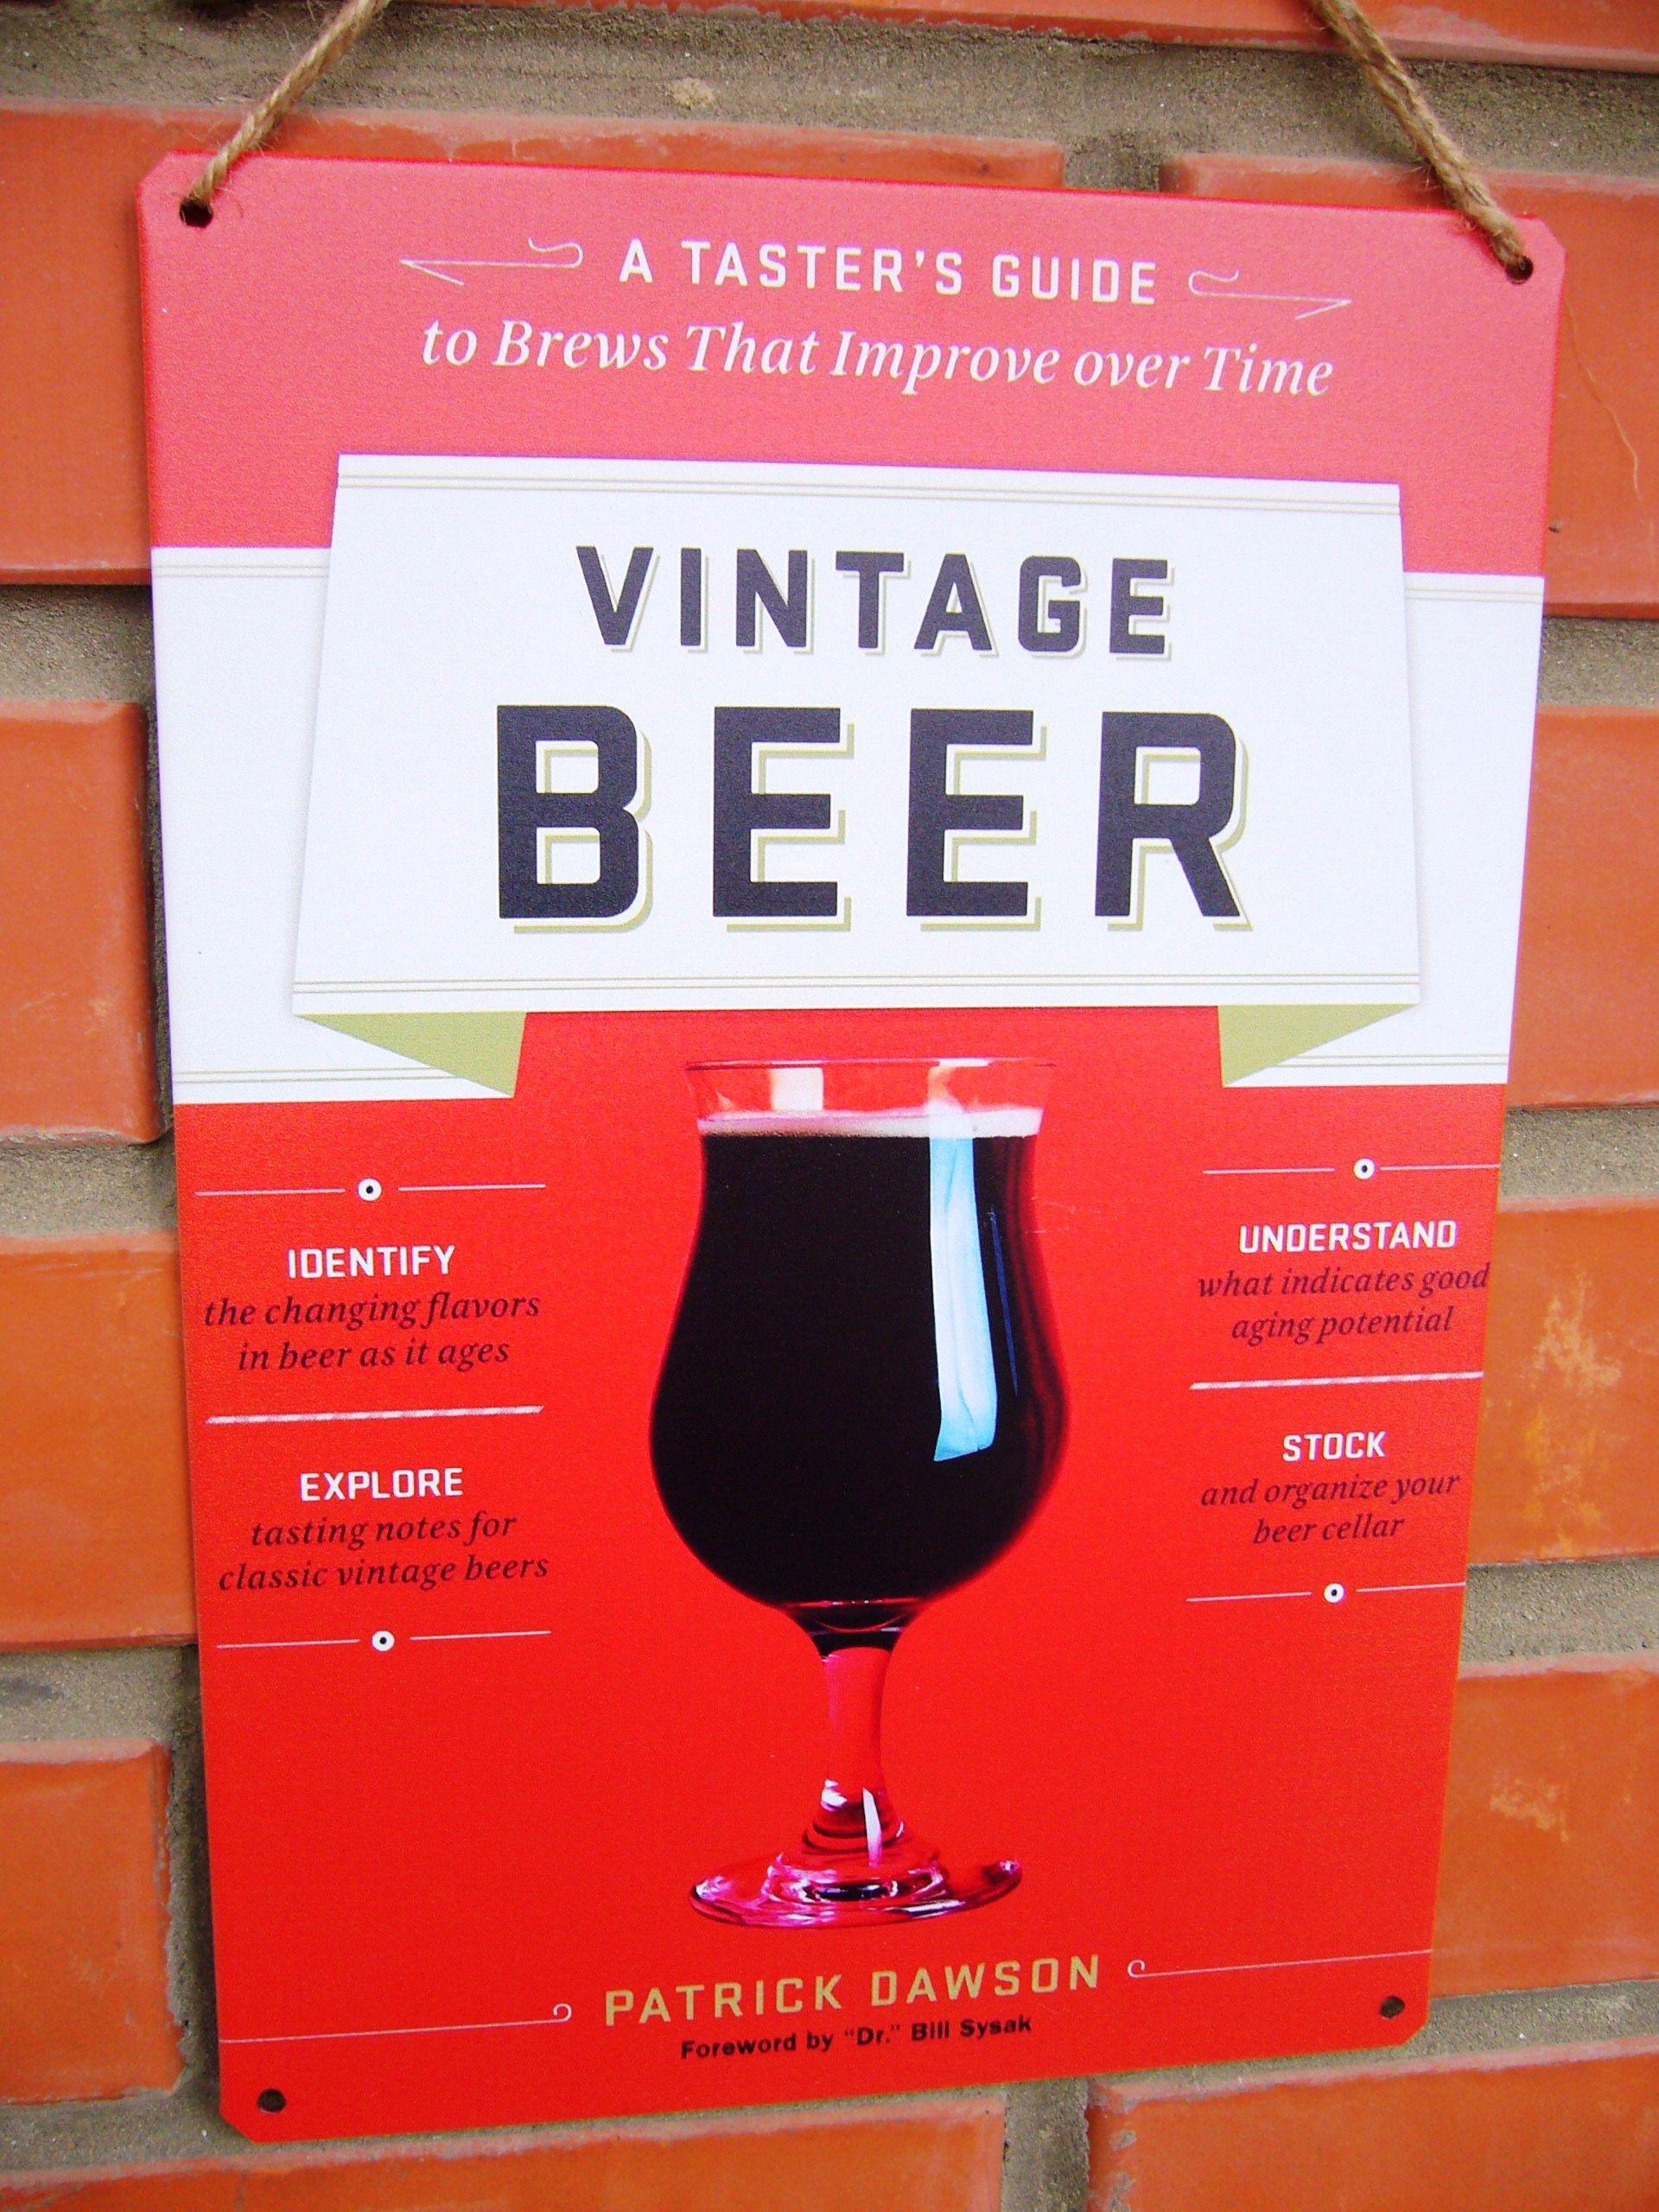 постер с пивом в подарок все